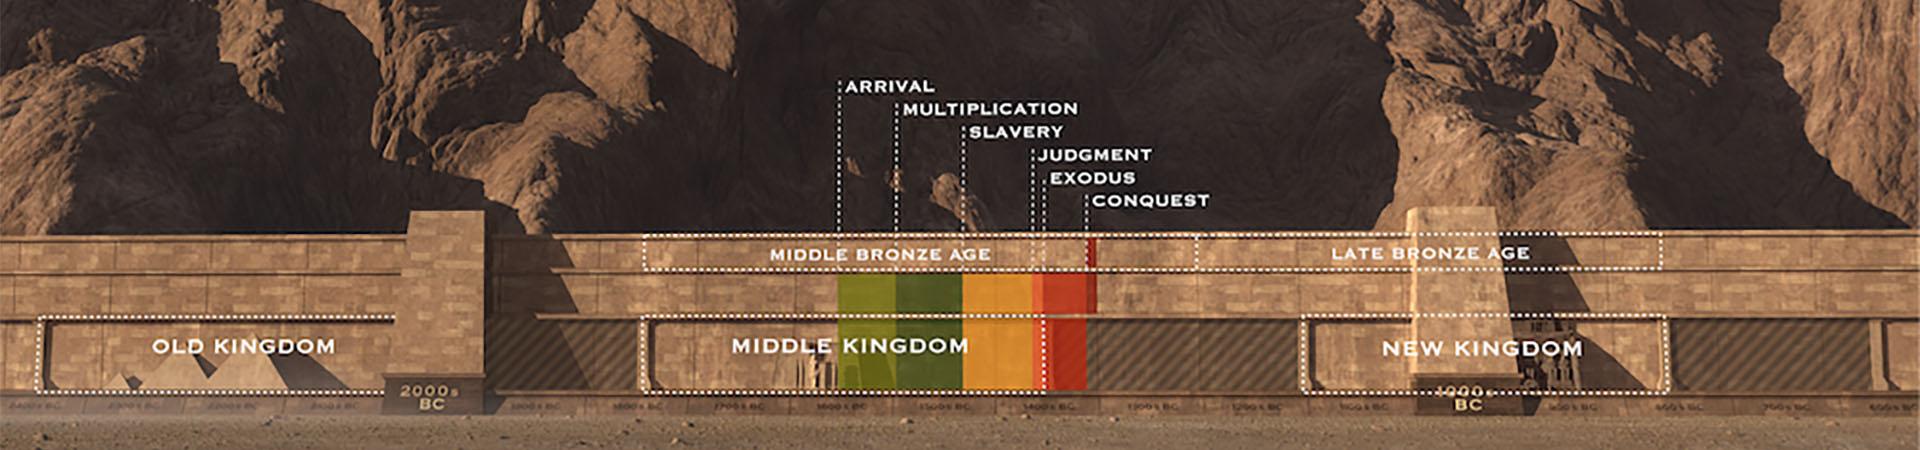 slider-vidence-exodus-wall-time